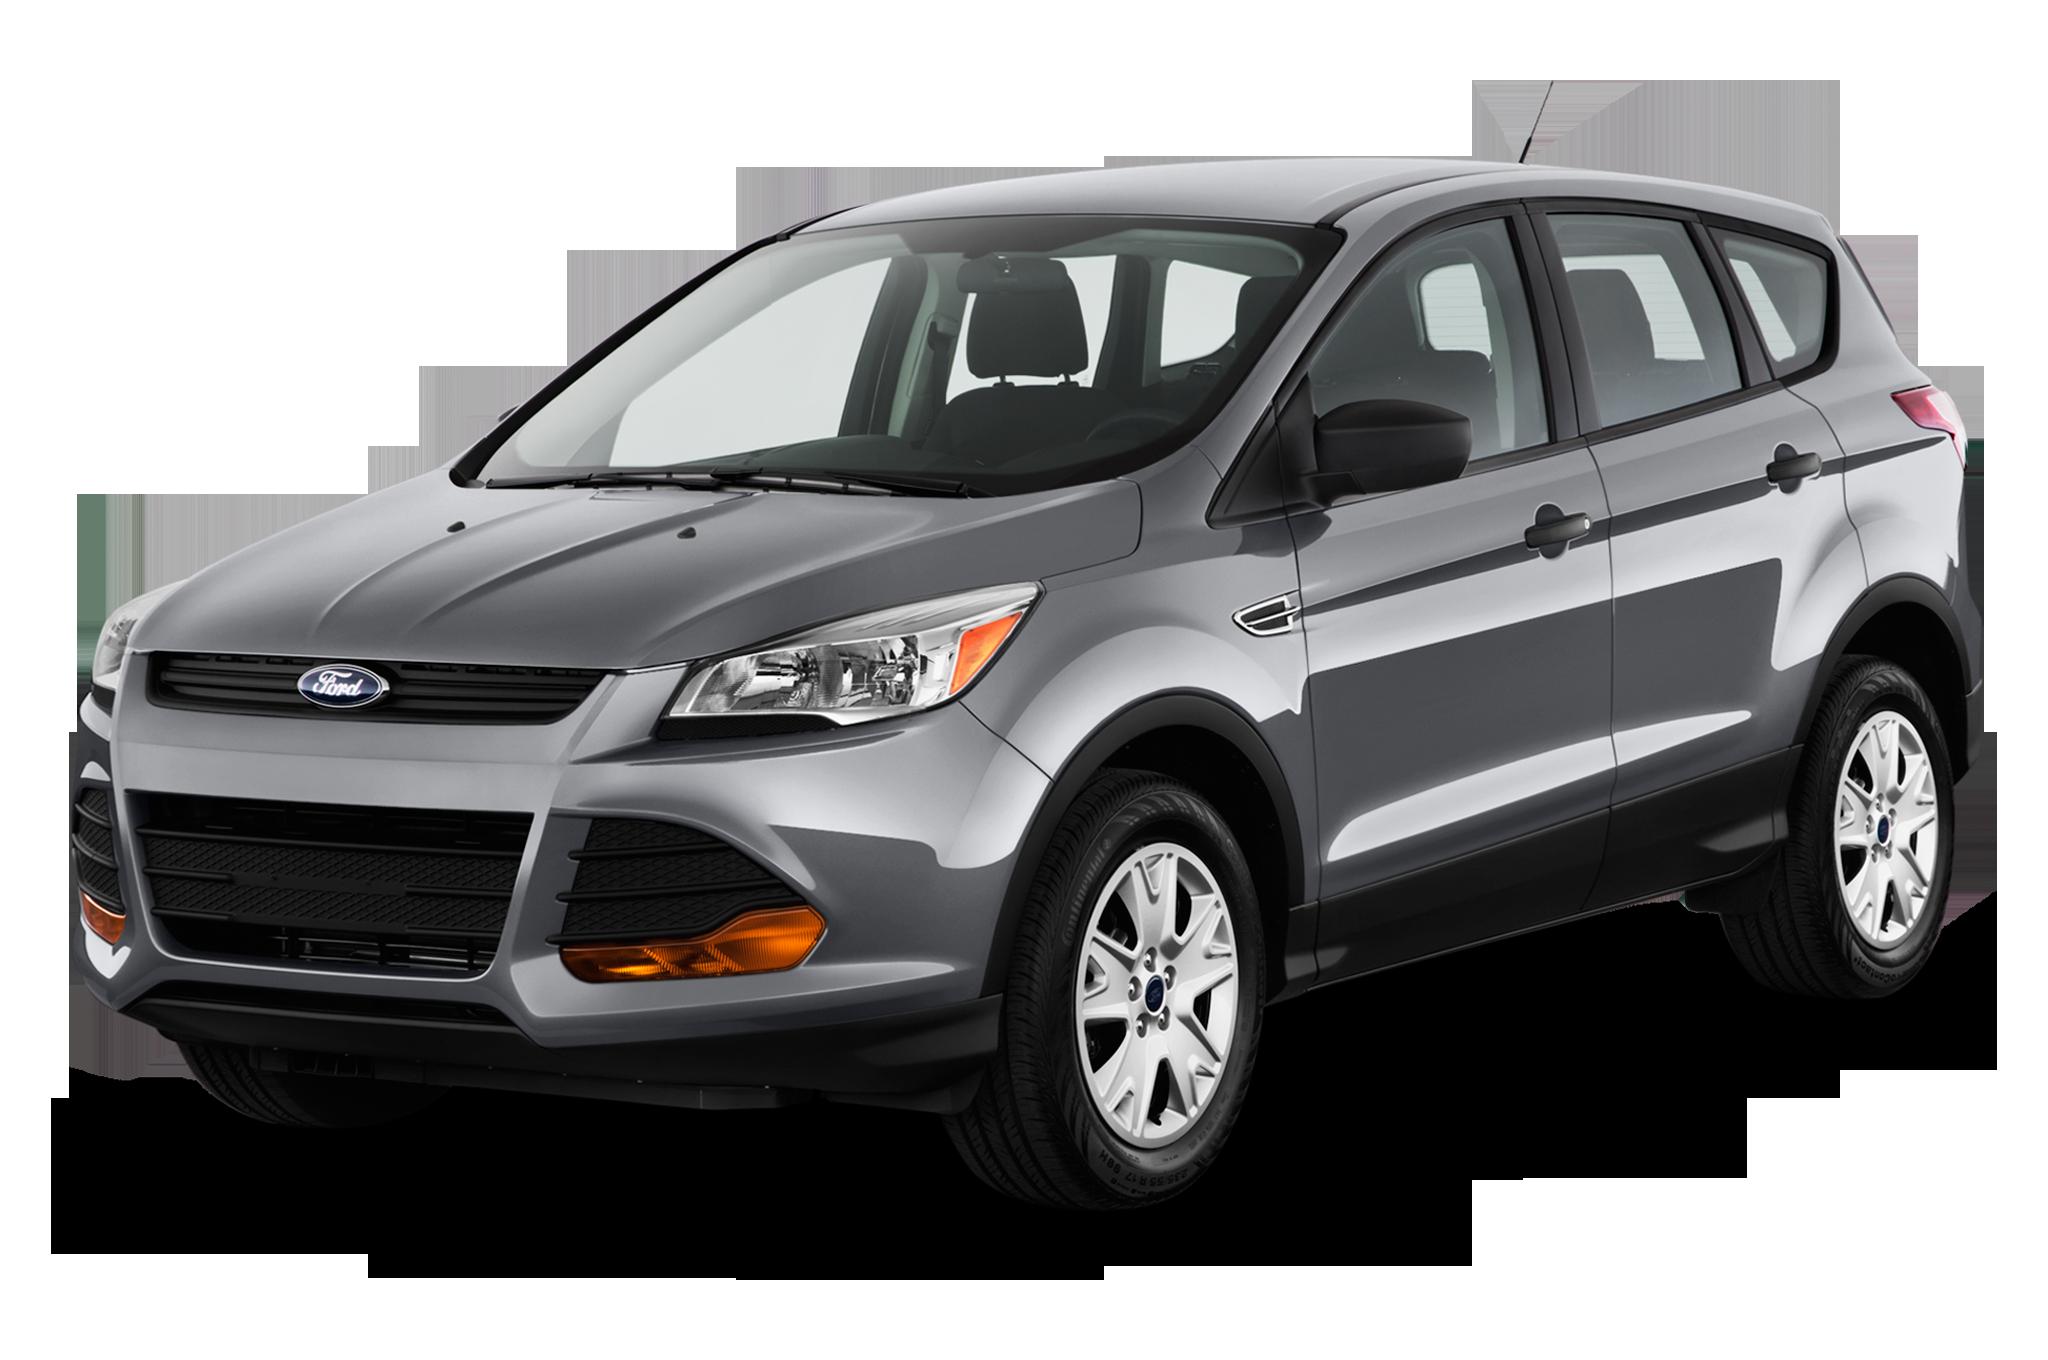 Ford Escape Premium TITANIUM